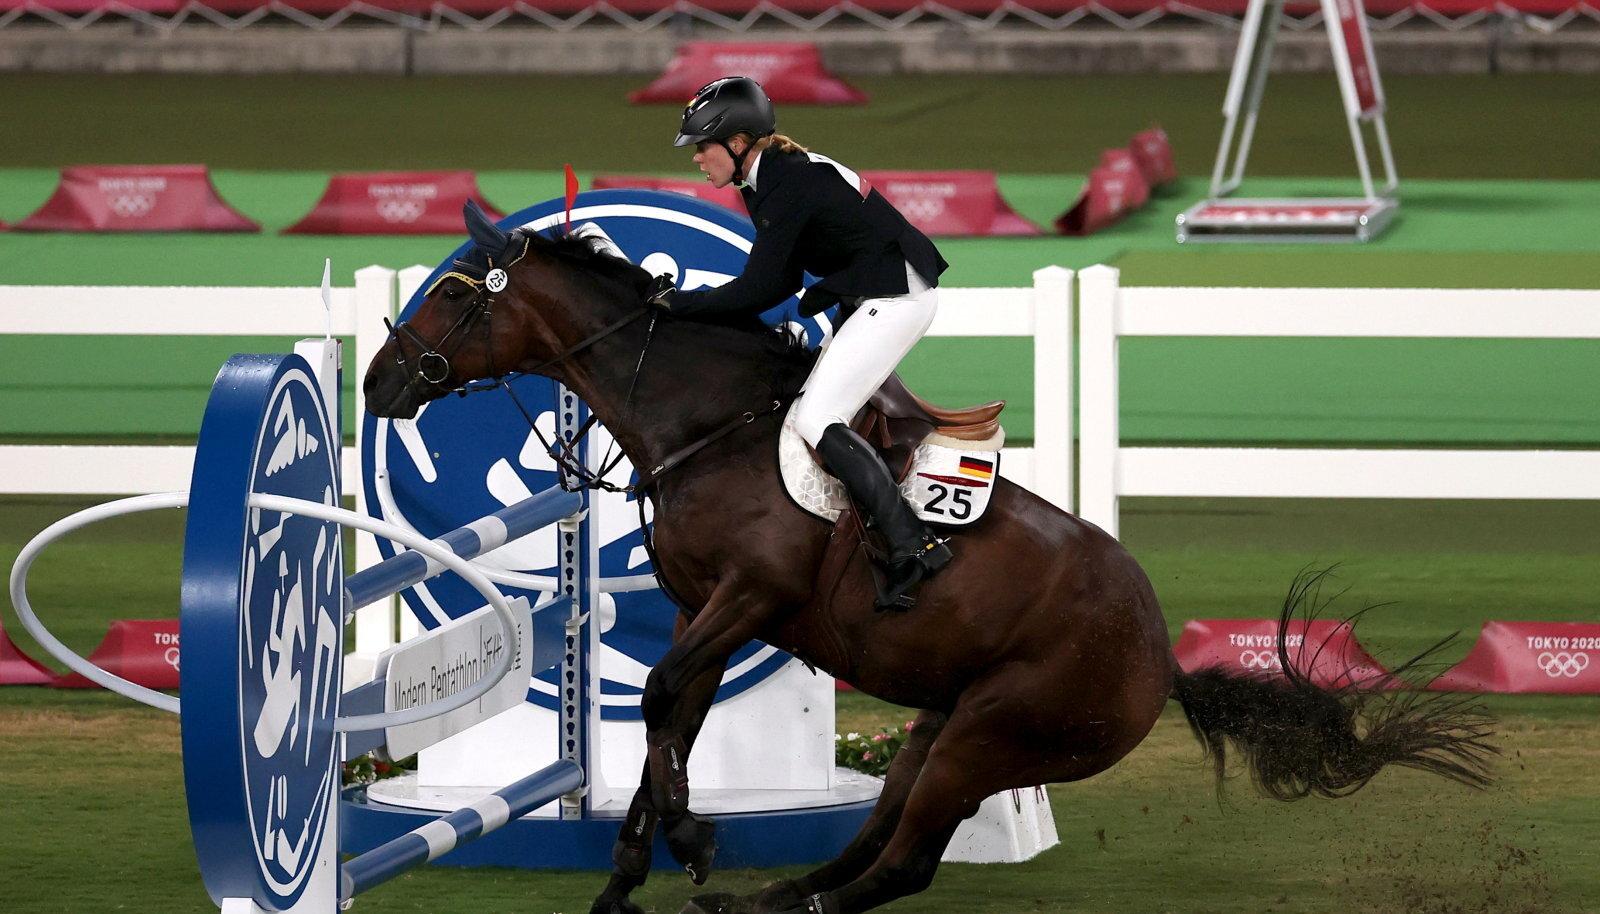 Annika Schleu ja hobune Saint Boy Tokyo olümpial.